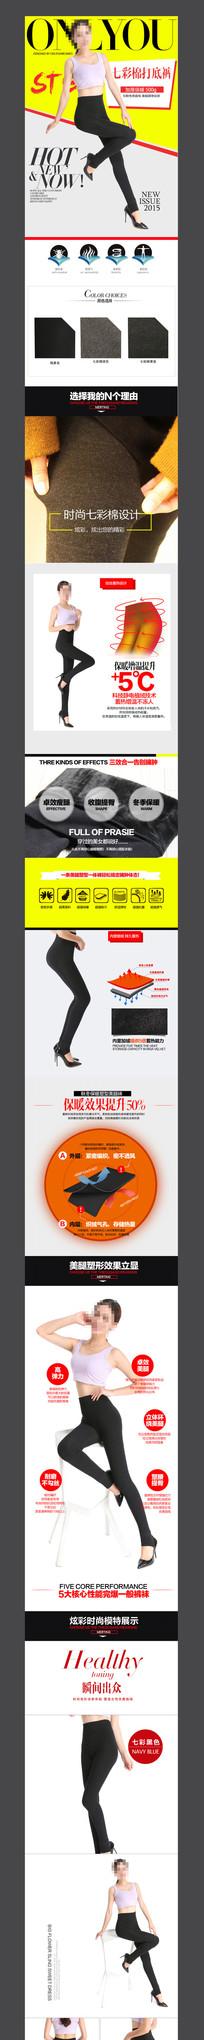 七彩棉打底裤宝贝详情页设计